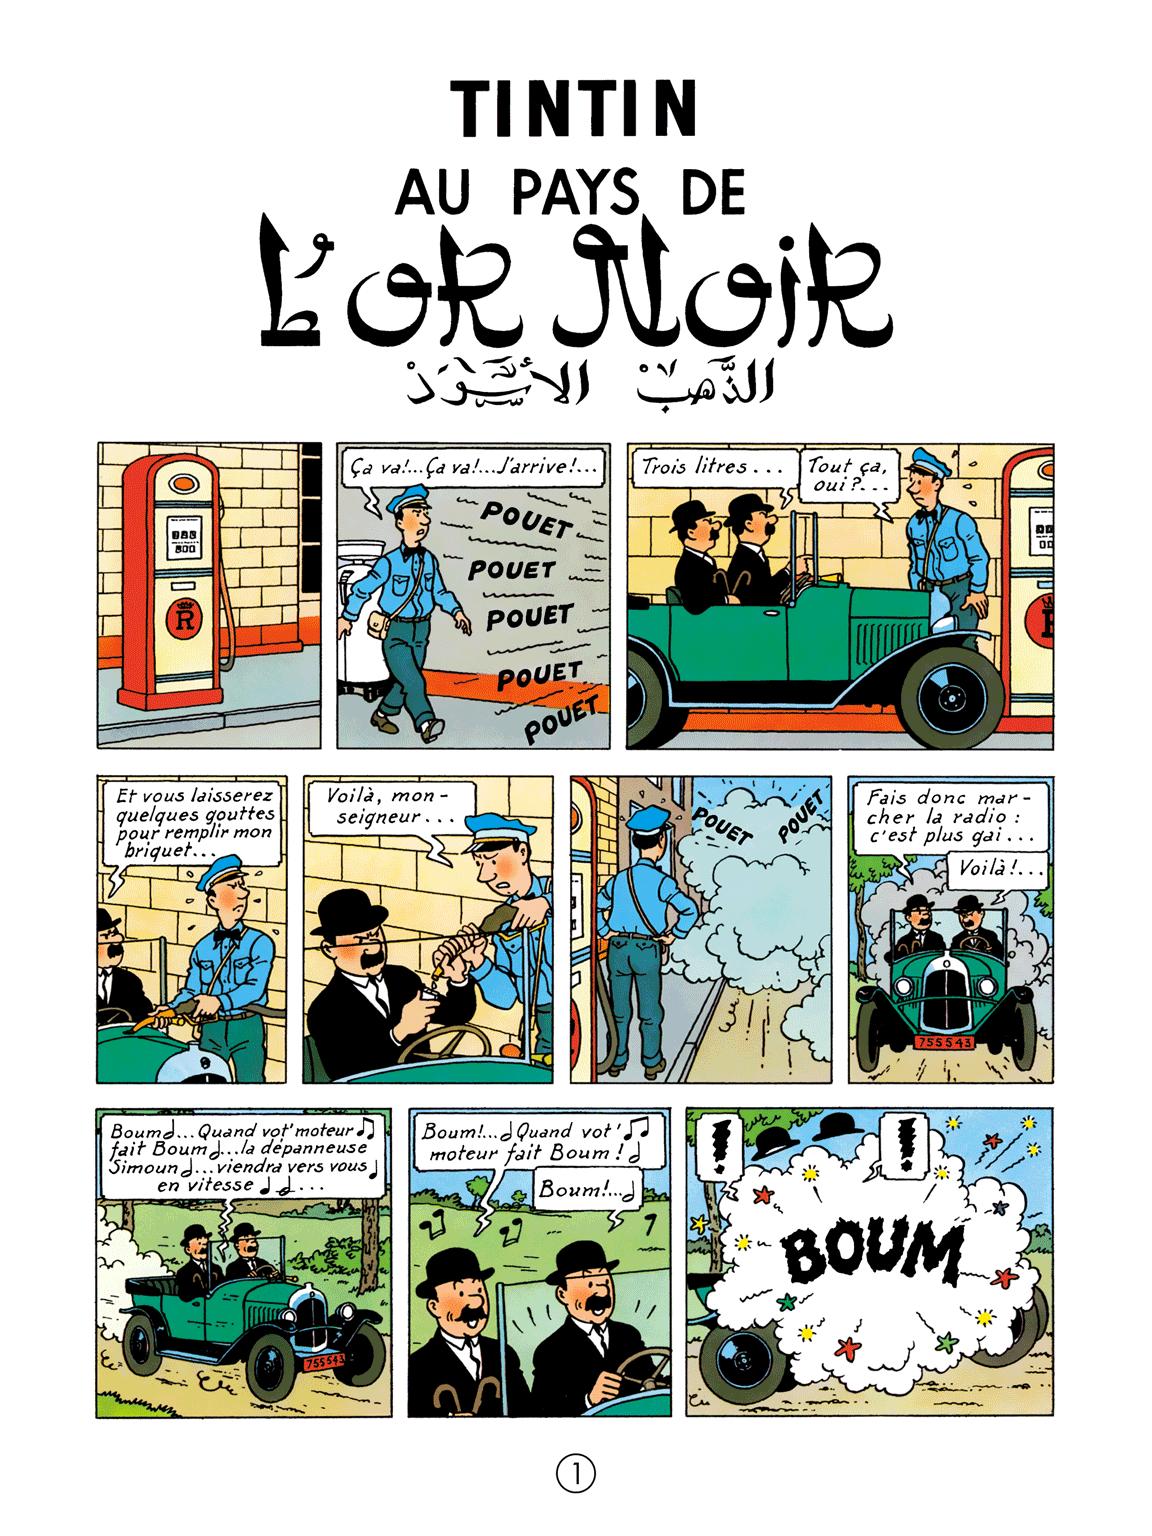 Tintin au pays de l'or noir - page 1